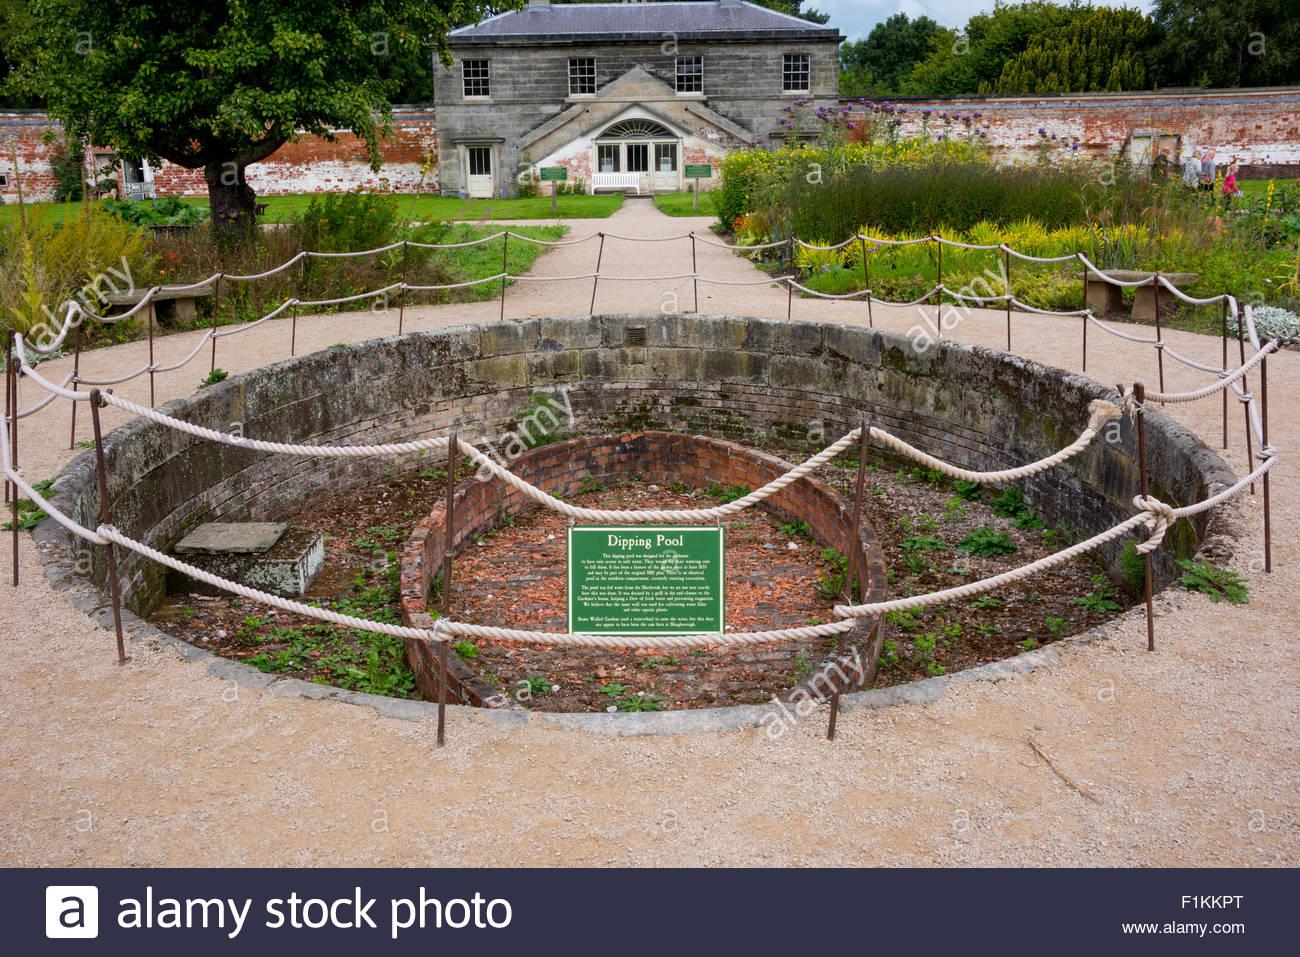 Shugborough Garden Stock Photos & Shugborough Garden Stock Images ...